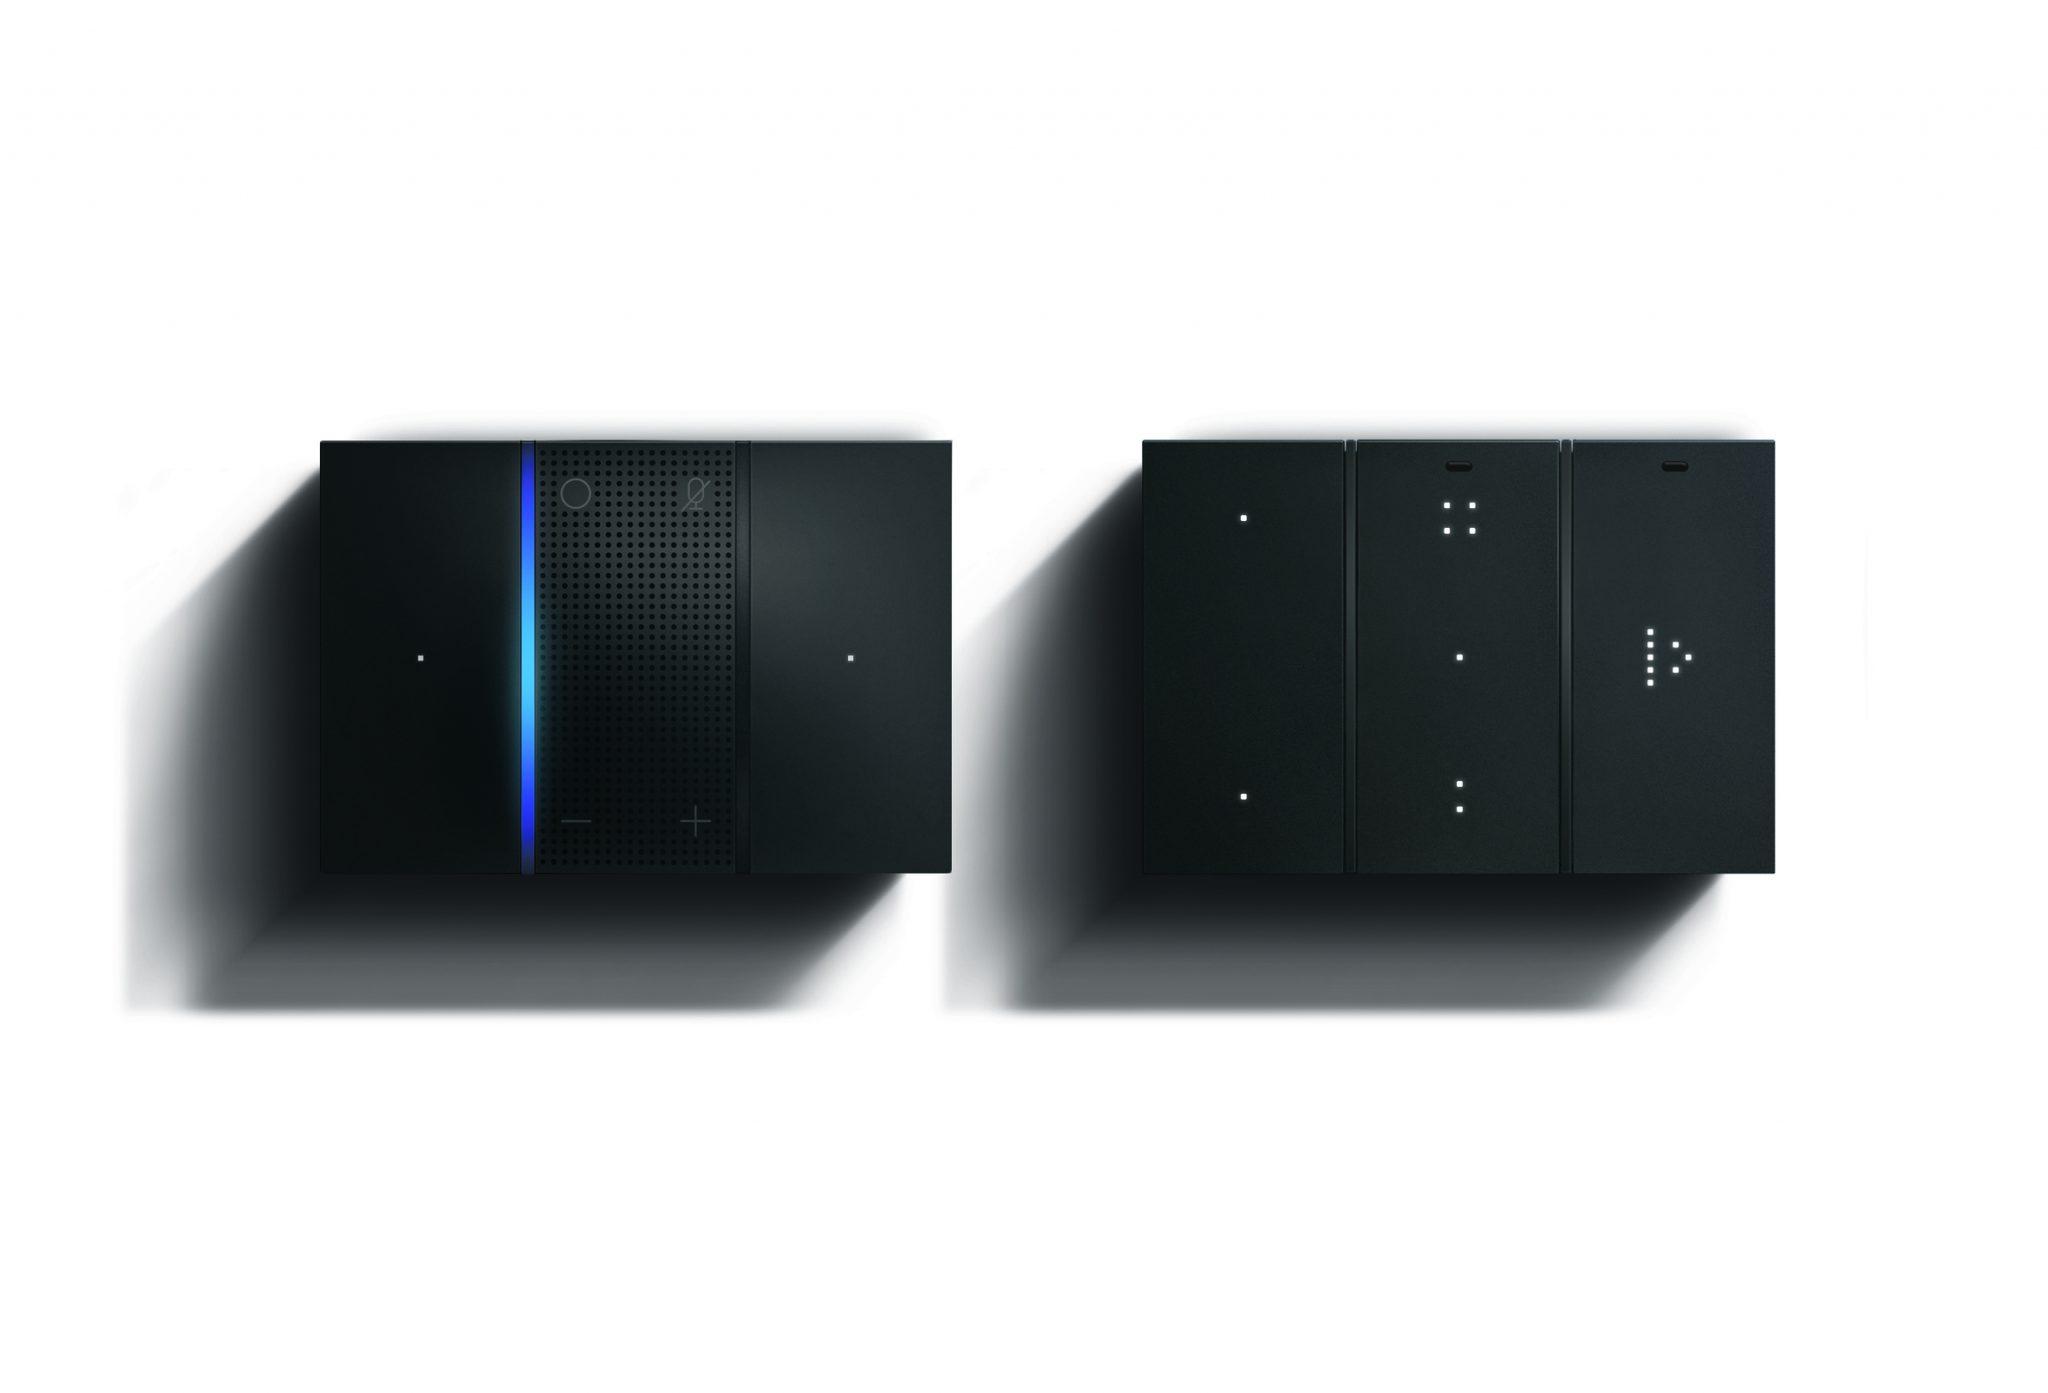 BTicino porta la sua Smart Home al CES 2020, con un tocco di design thumbnail